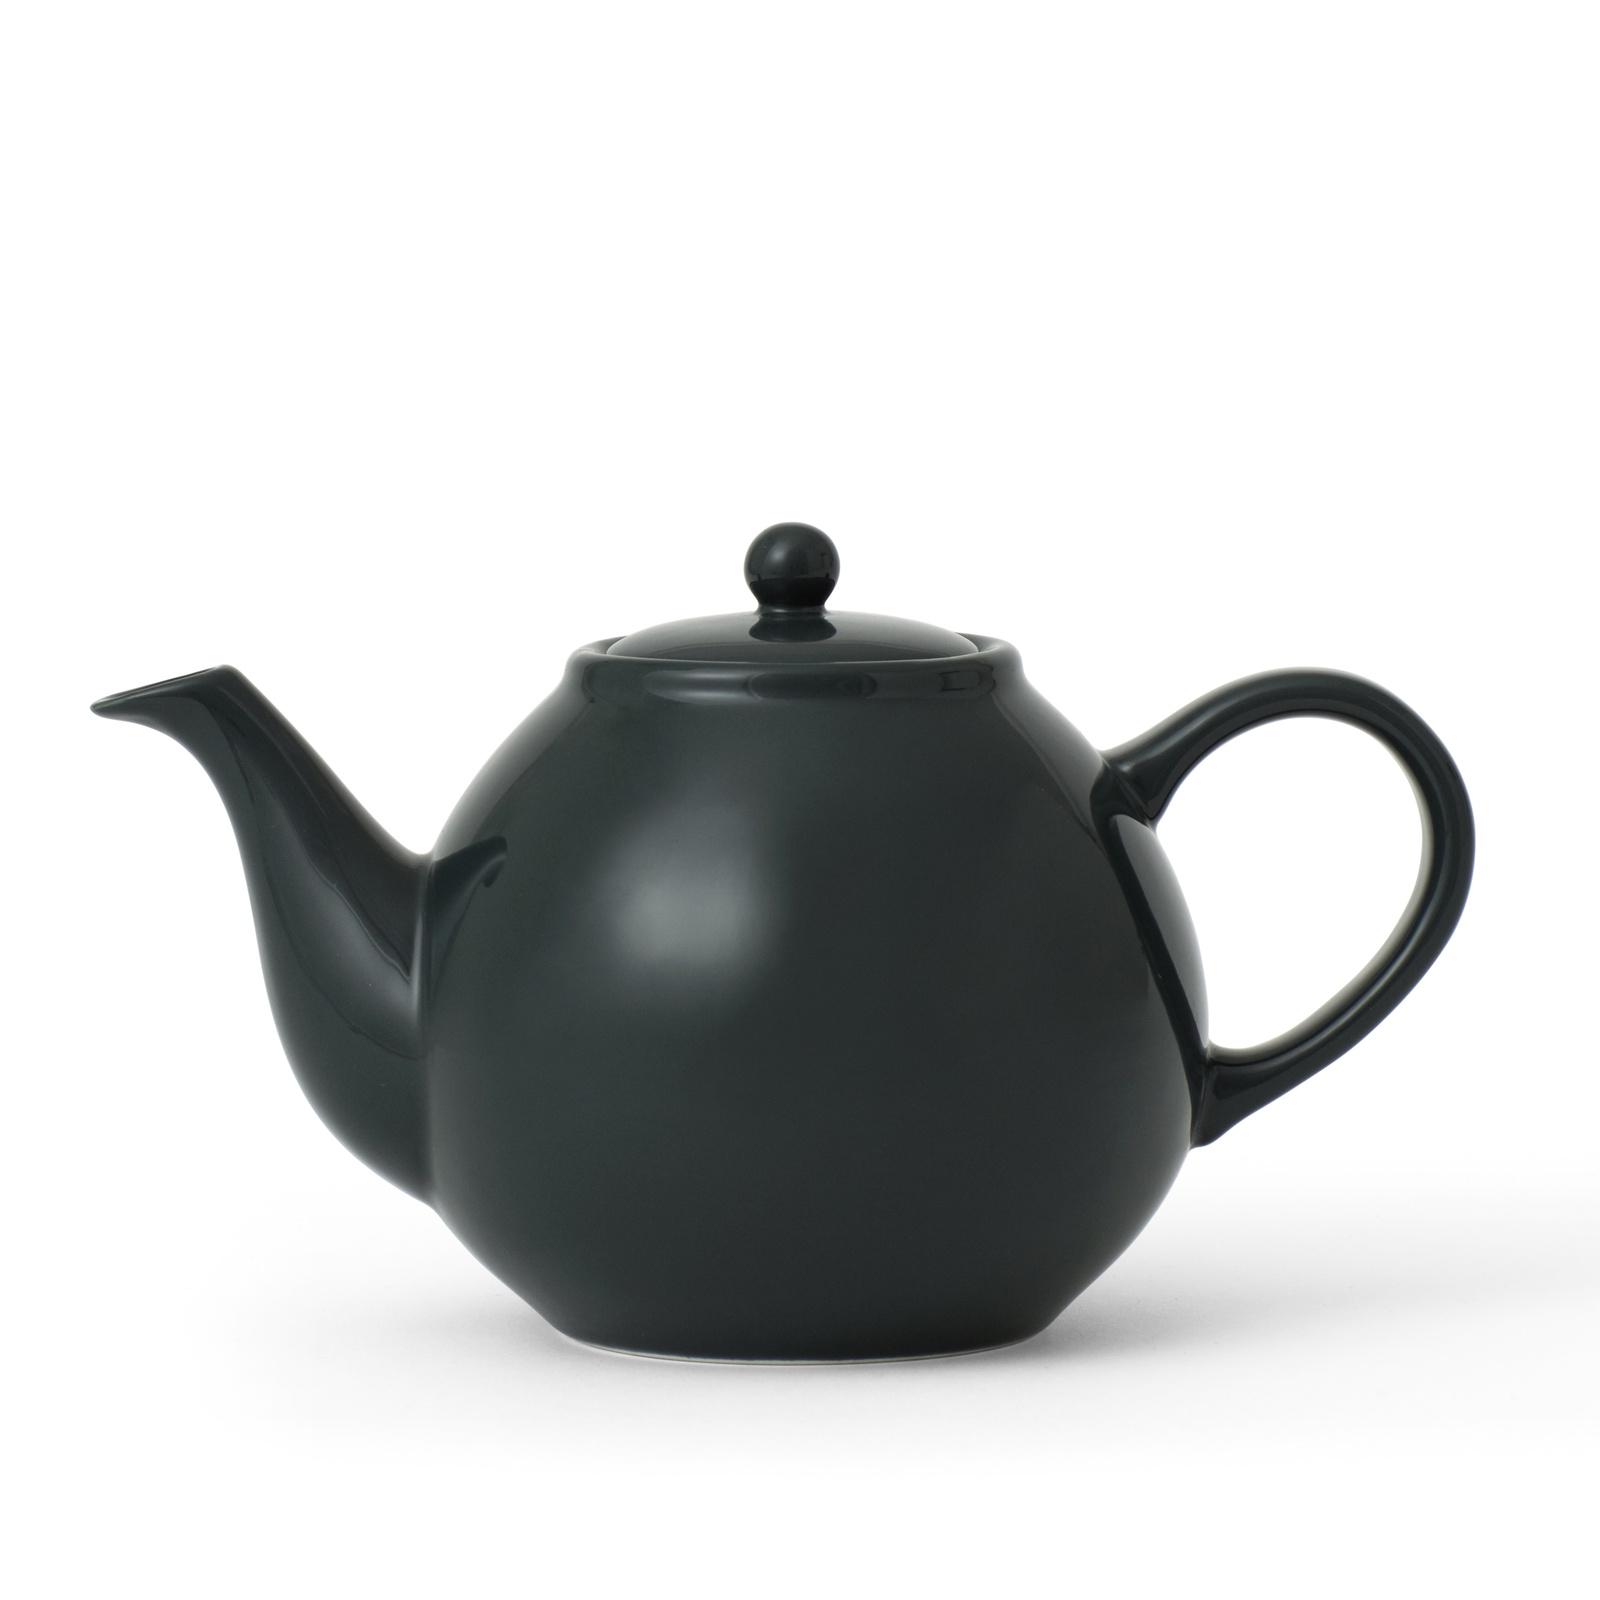 Чайник заварочный Viva scandinavia Victoriа, V78539, 800 мл, темно-зеленыйV78539Кто сказал, что классика – это скучно? Классика может быть неординарной, как отражение Вашей неординарной личности. Это про наш заварочный чайник Classic темно-зеленого цвета. Наслаждайтесь неординарным чаем – раз за разом, день за днем… VIVA® Scandinavia была основана в 2007 году в Дании группой дизайнеров, страстно любящих чай, чьи культурные корни сделали их приверженцами скандинавского образа жизни. В 2012 году компания получила награду Red Dot Award за заварочный чайник Infusion.